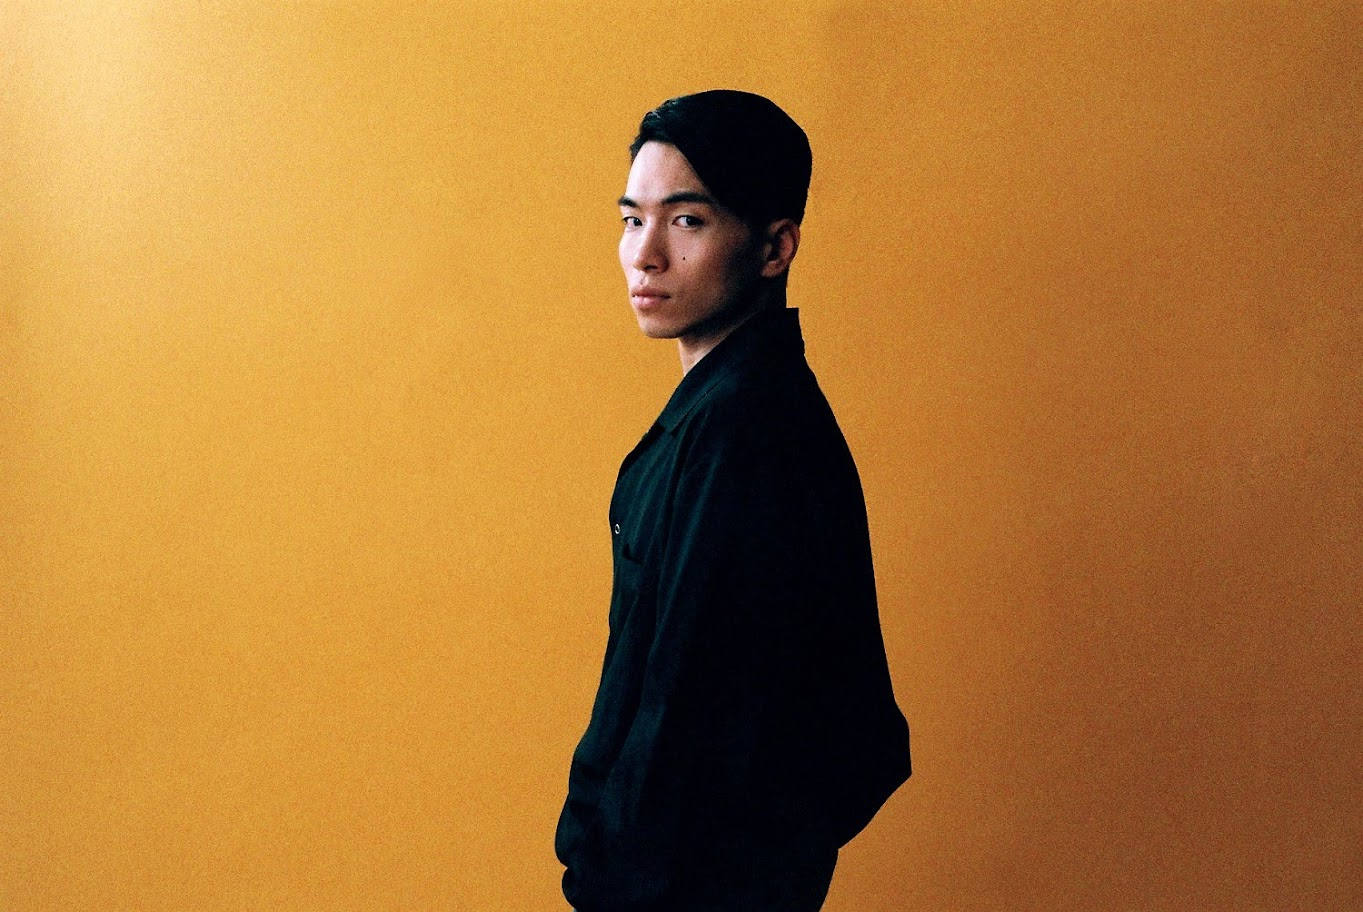 [迷迷演唱會] 日系R&B都會暖男 SIRUP 台北首唱 全方位嘻哈創作才女Karencici助陣 12月8日搖擺冬夜